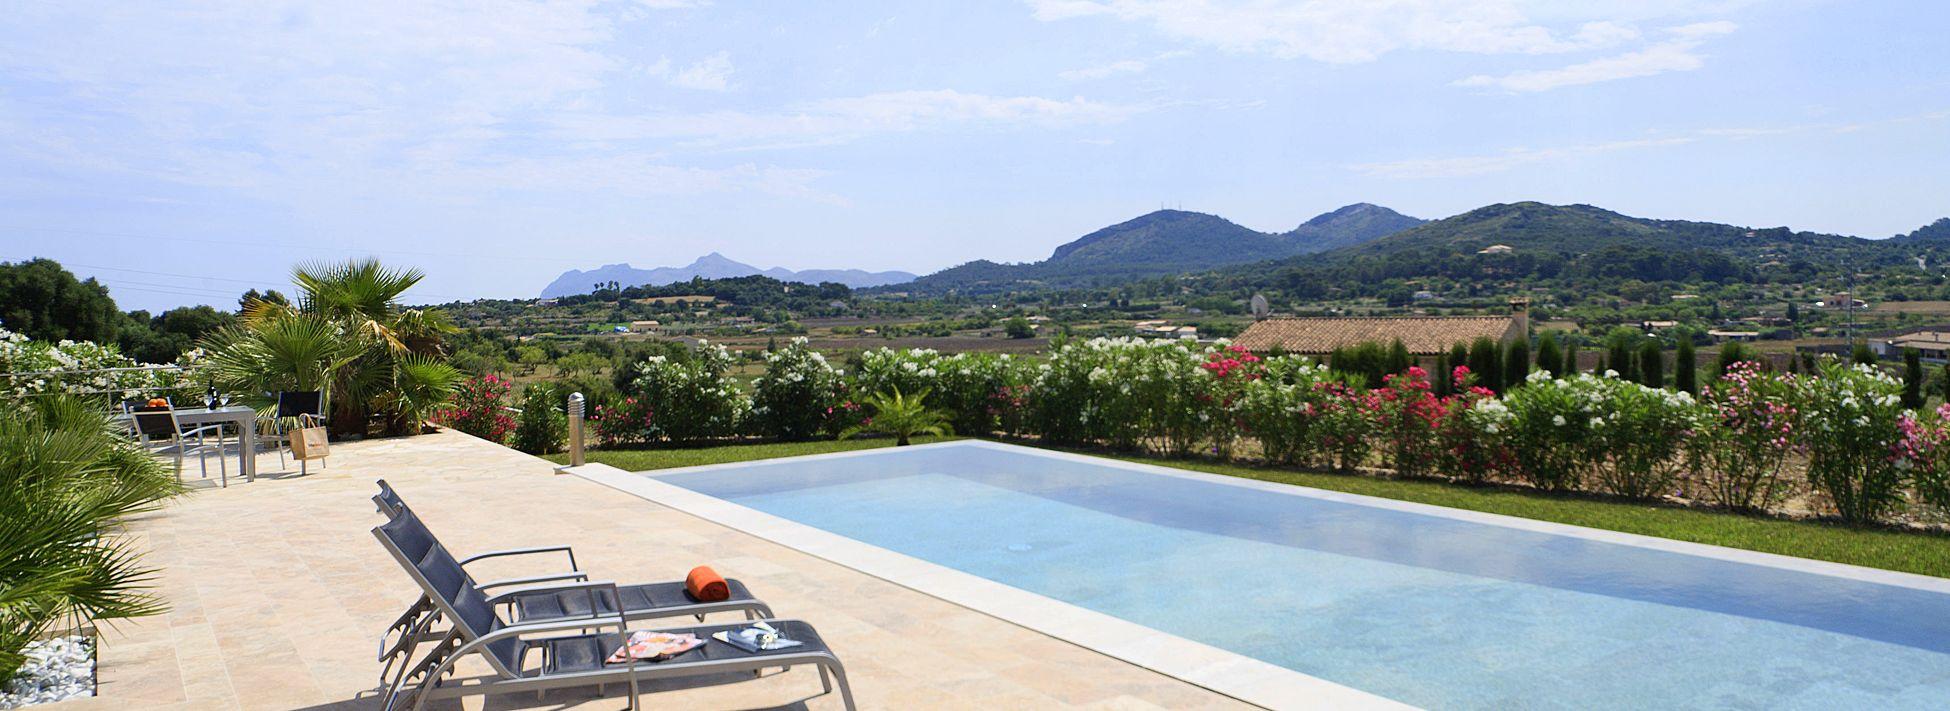 villa-mallorca-ma3150-sonnenliegen-am-swimmingpool